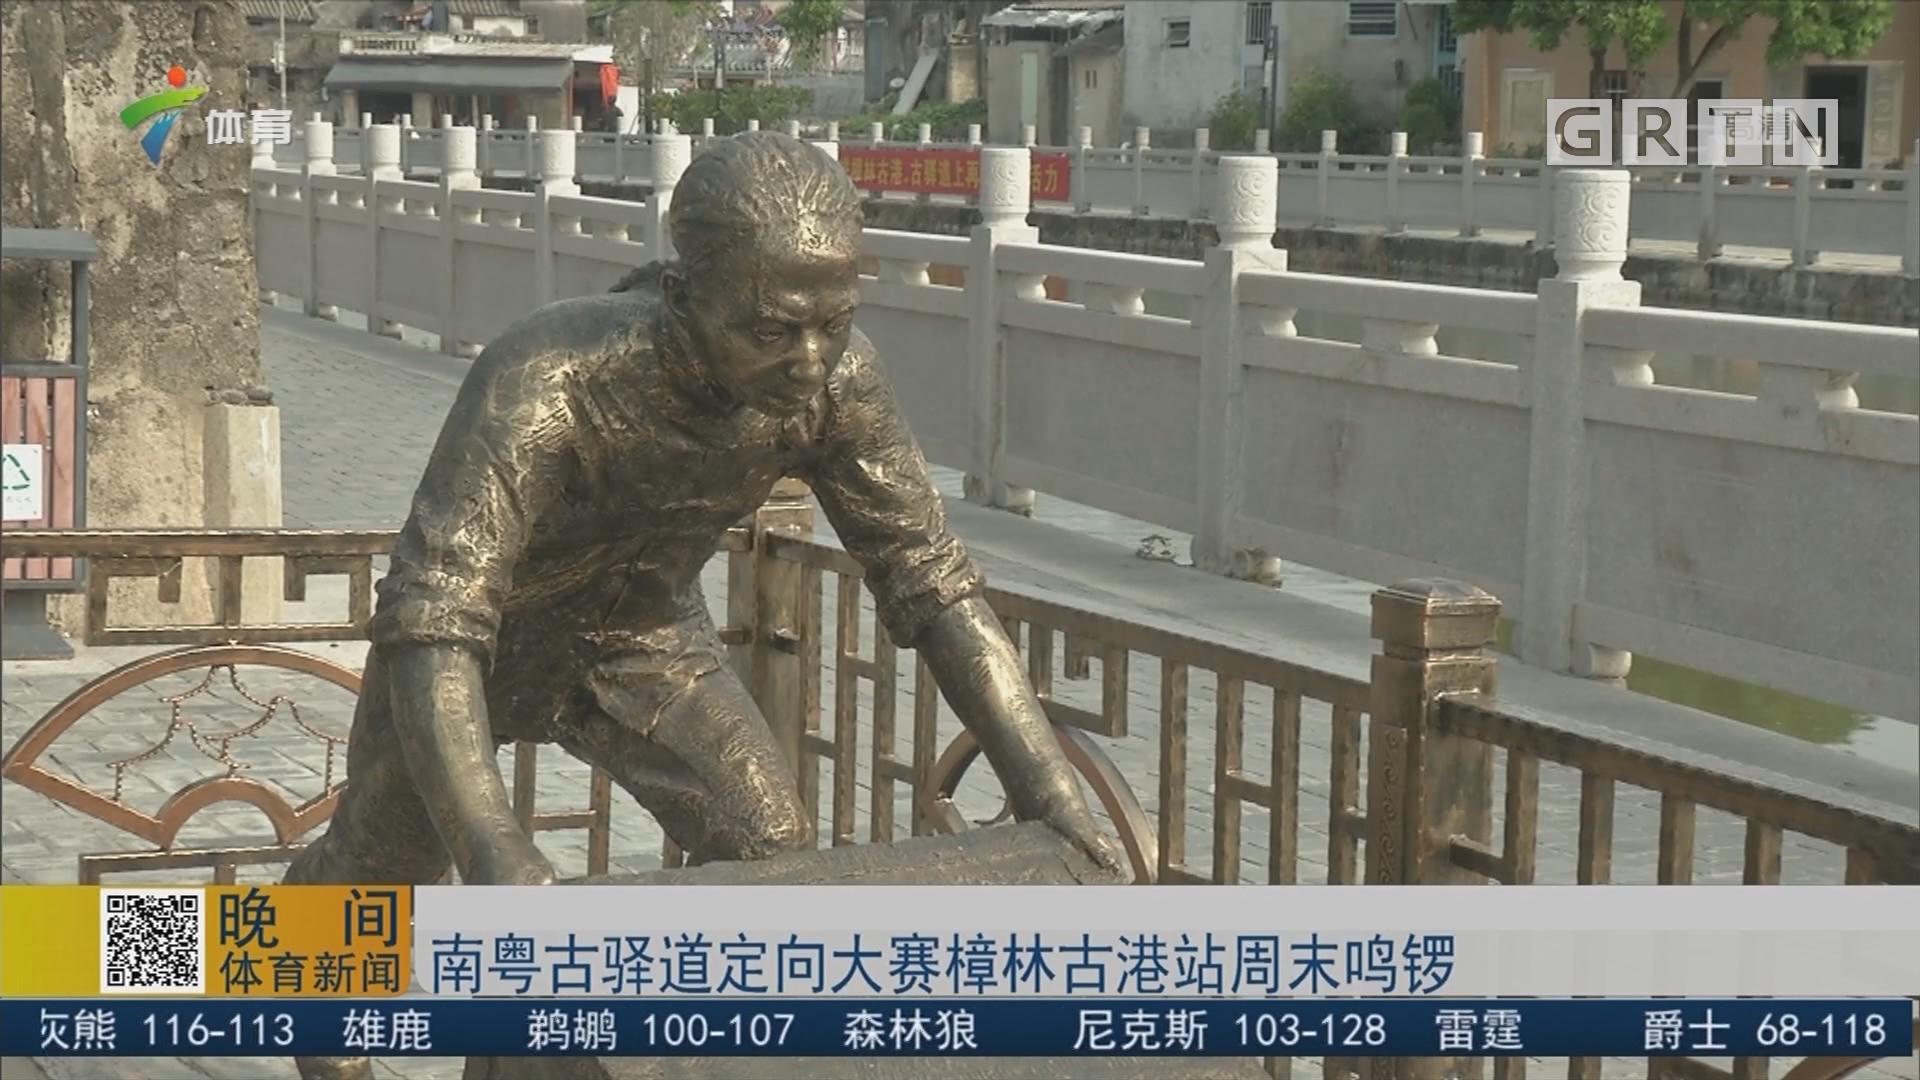 南粤古驿道定向大赛樟林古港站周末鸣锣